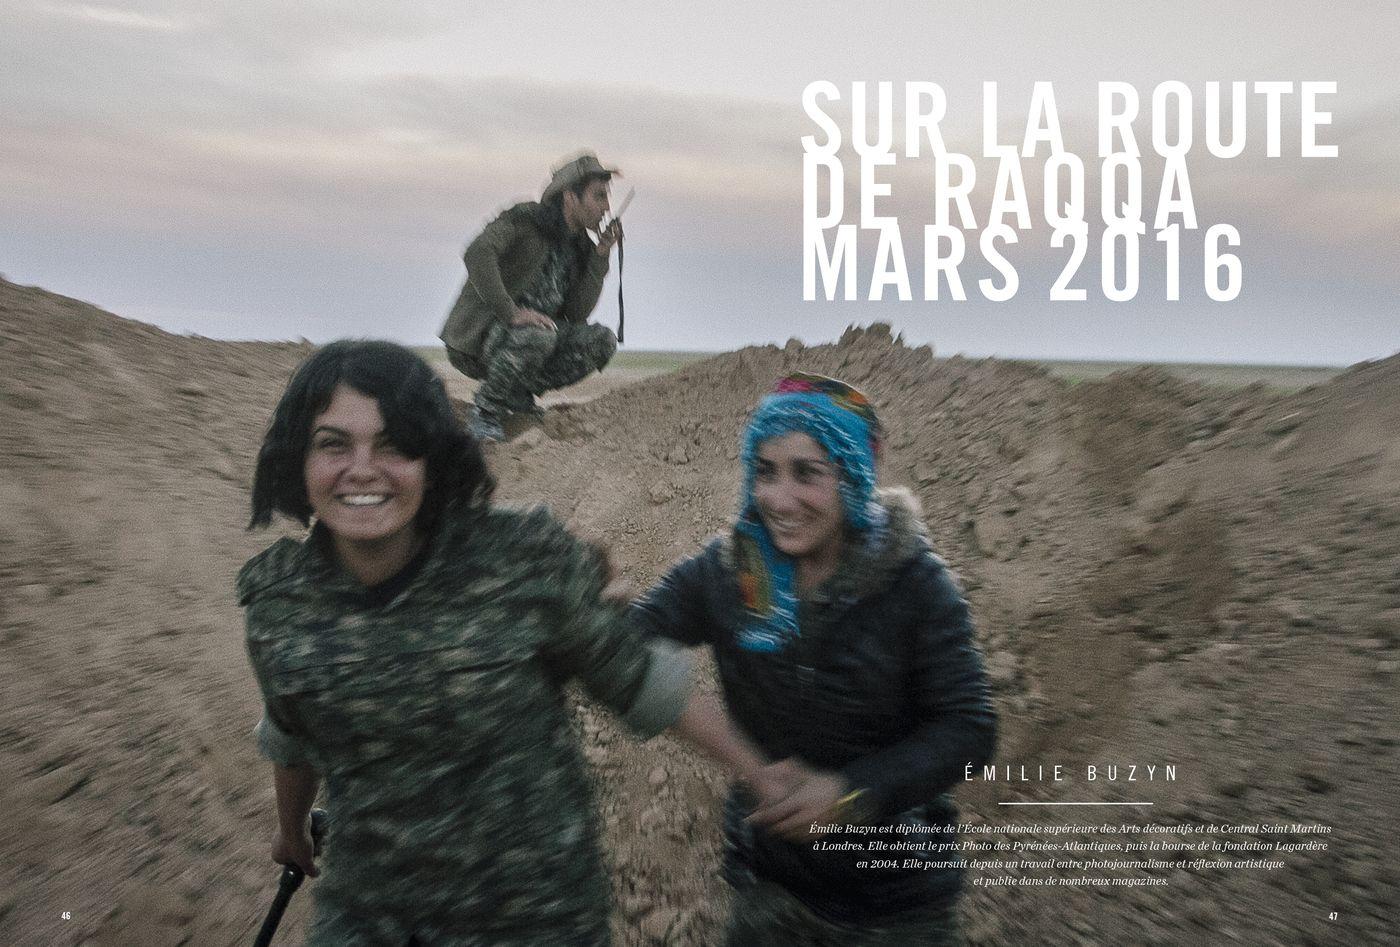 Possession Immédiate Volume 5 - Photographies et texte d'Émilie Buzyn, Sur la route de Raqqa